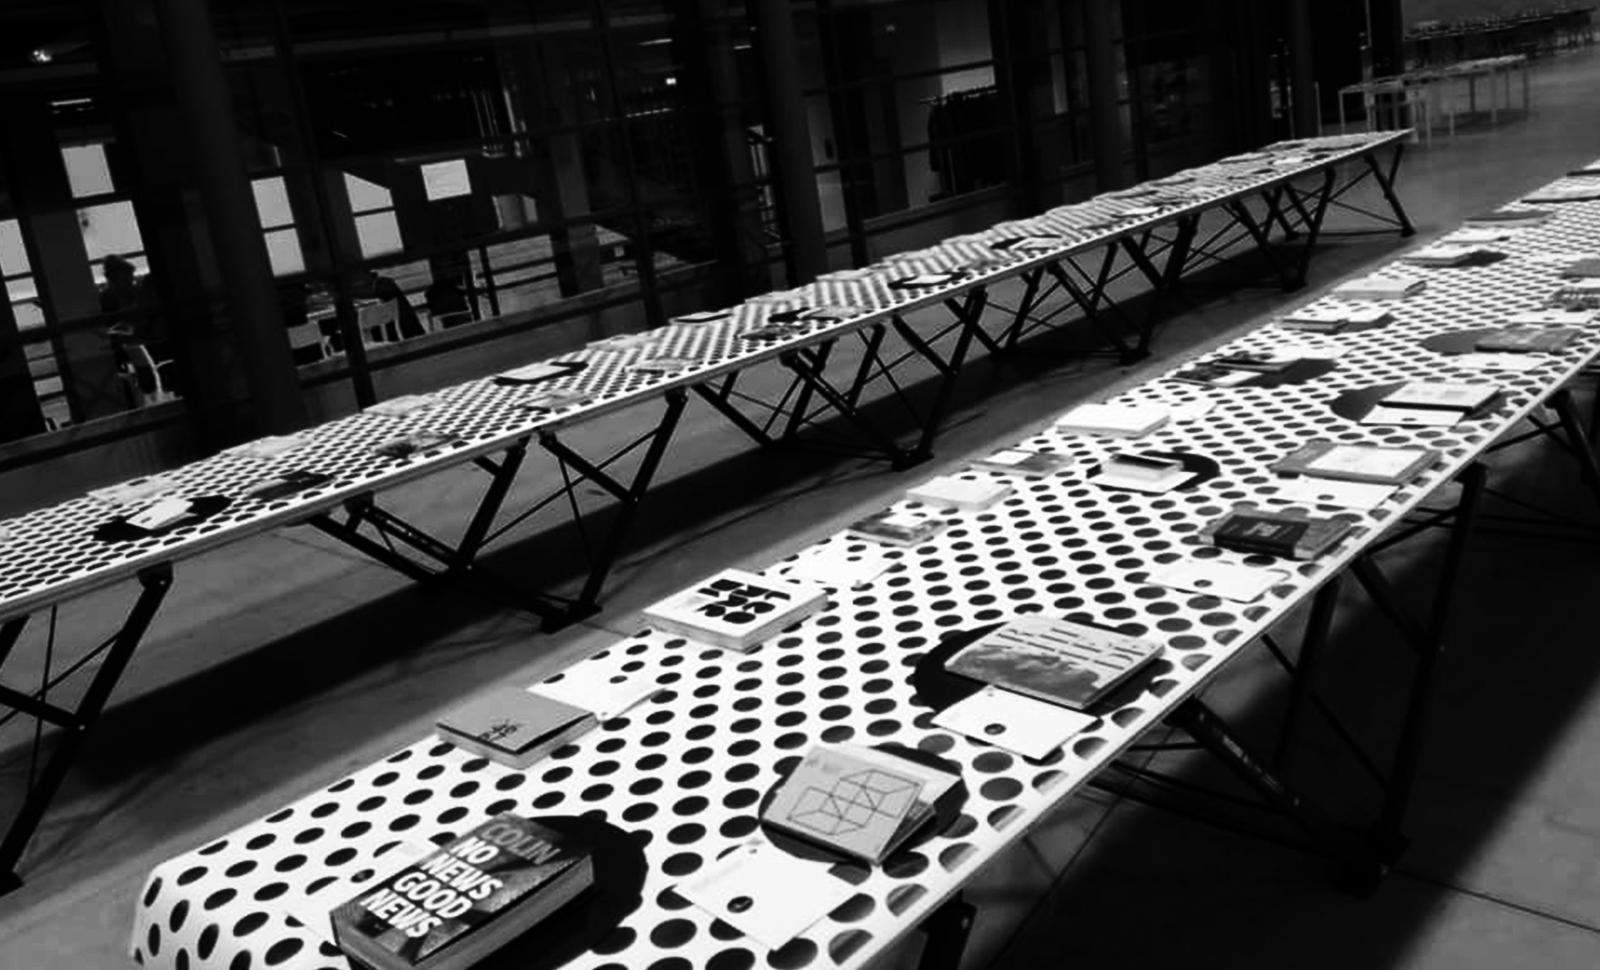 Mostra ABA Aiap Book community, spazio MIL, Sesto San Giovanni, Milano, 2018.